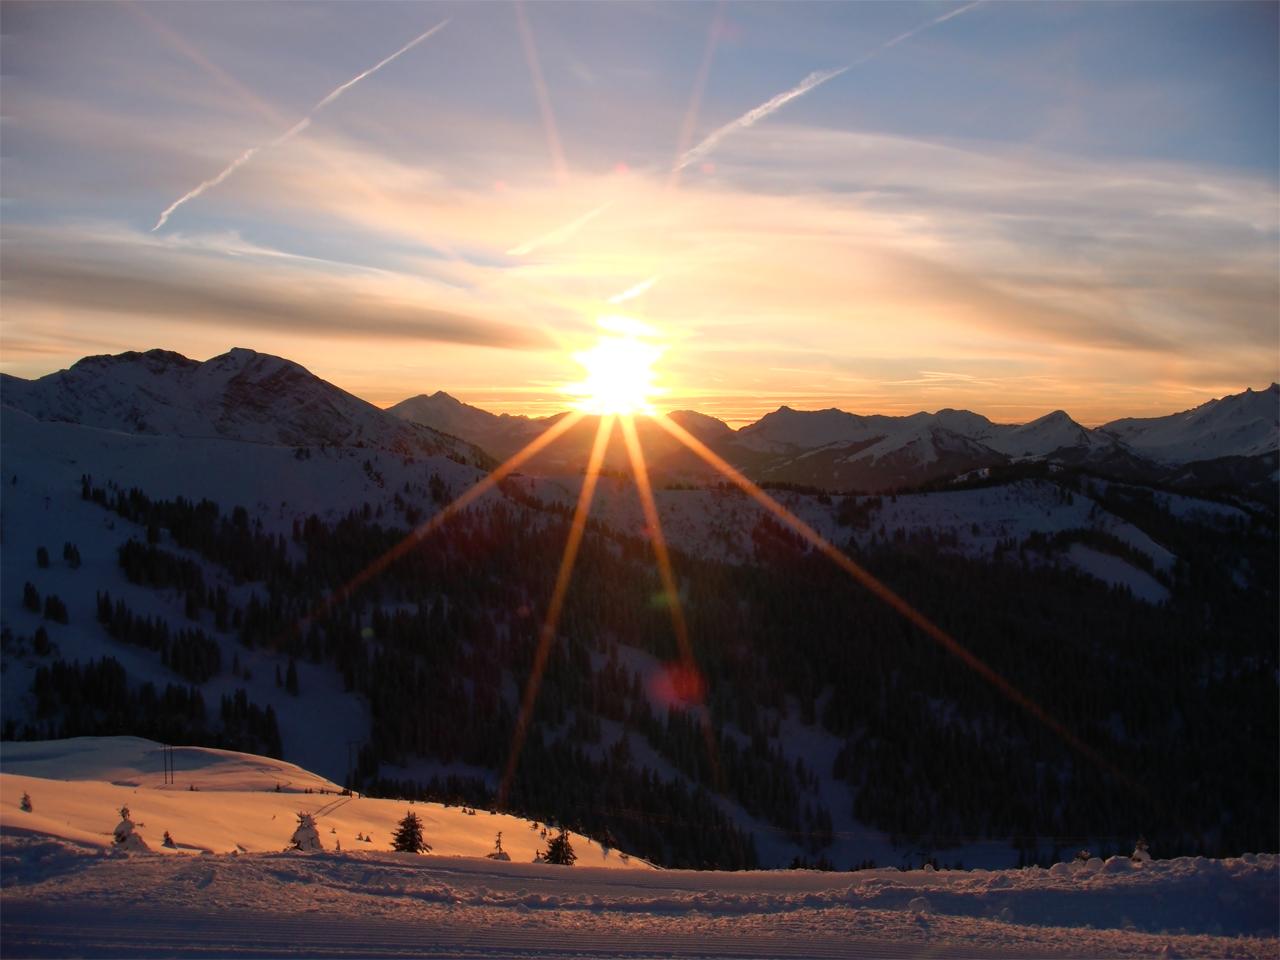 Omgeving - Ondergaande zon in winter